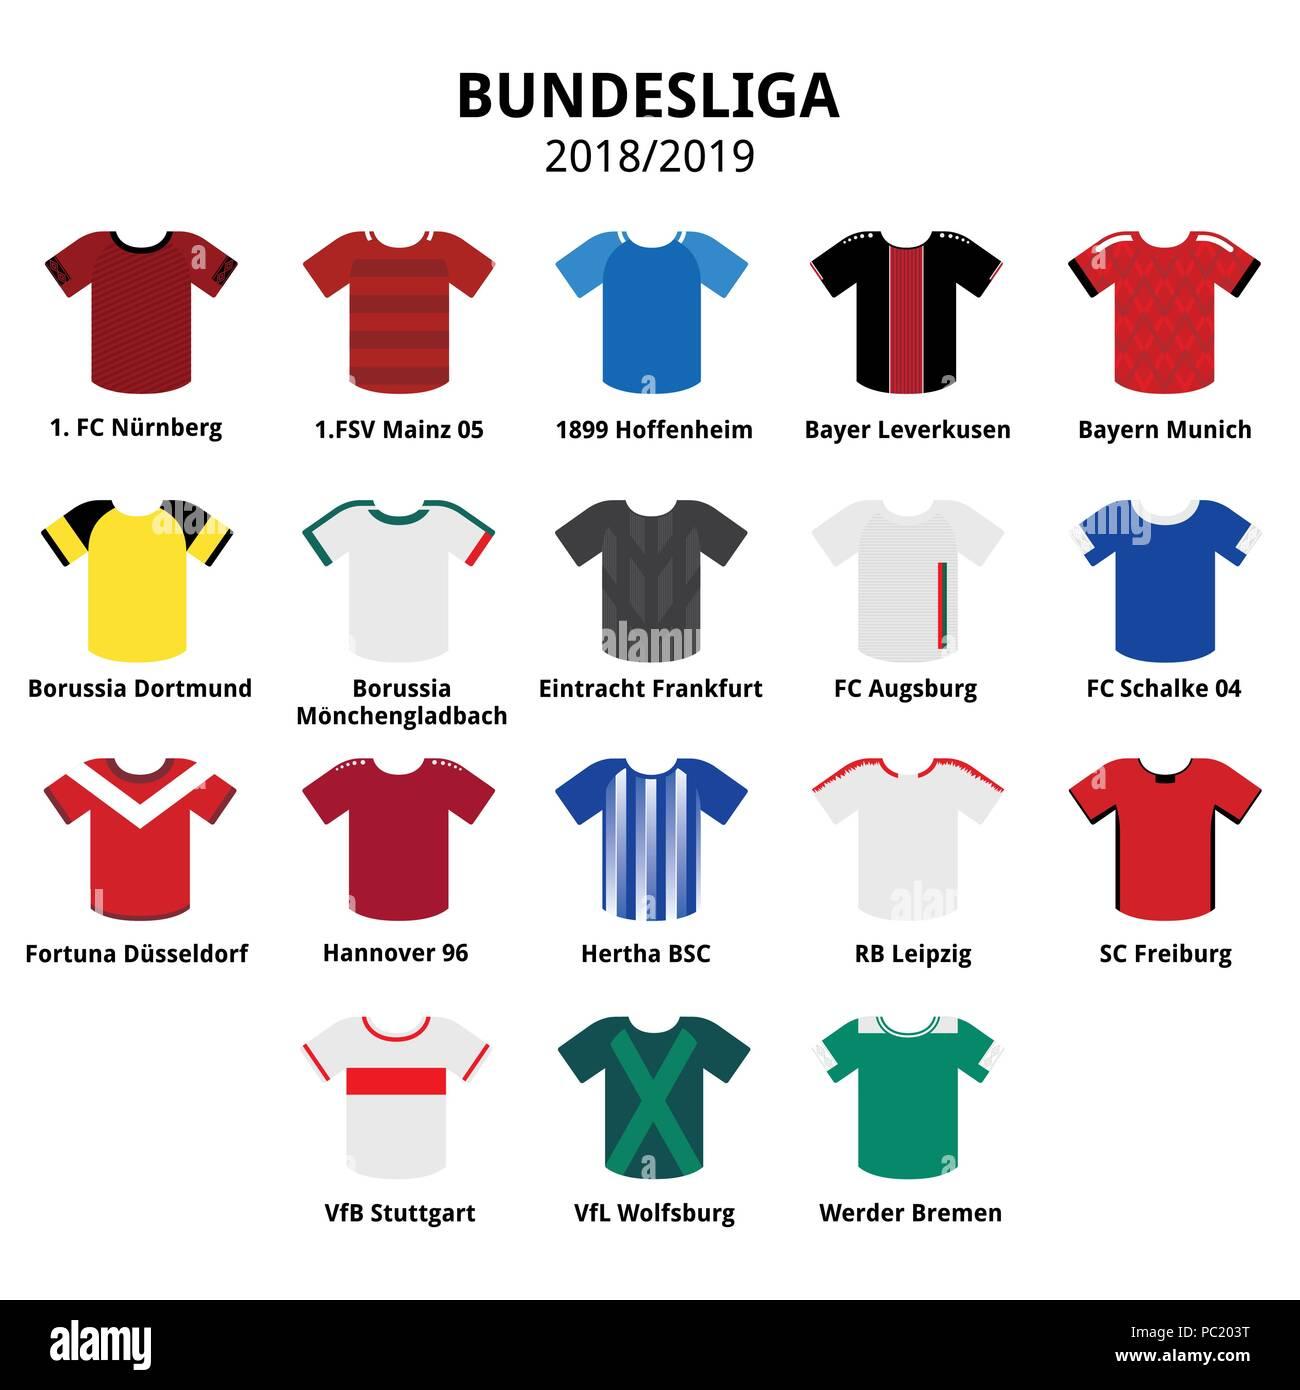 Bundesliga camisetas kit 2018 - 2019, la liga alemana de